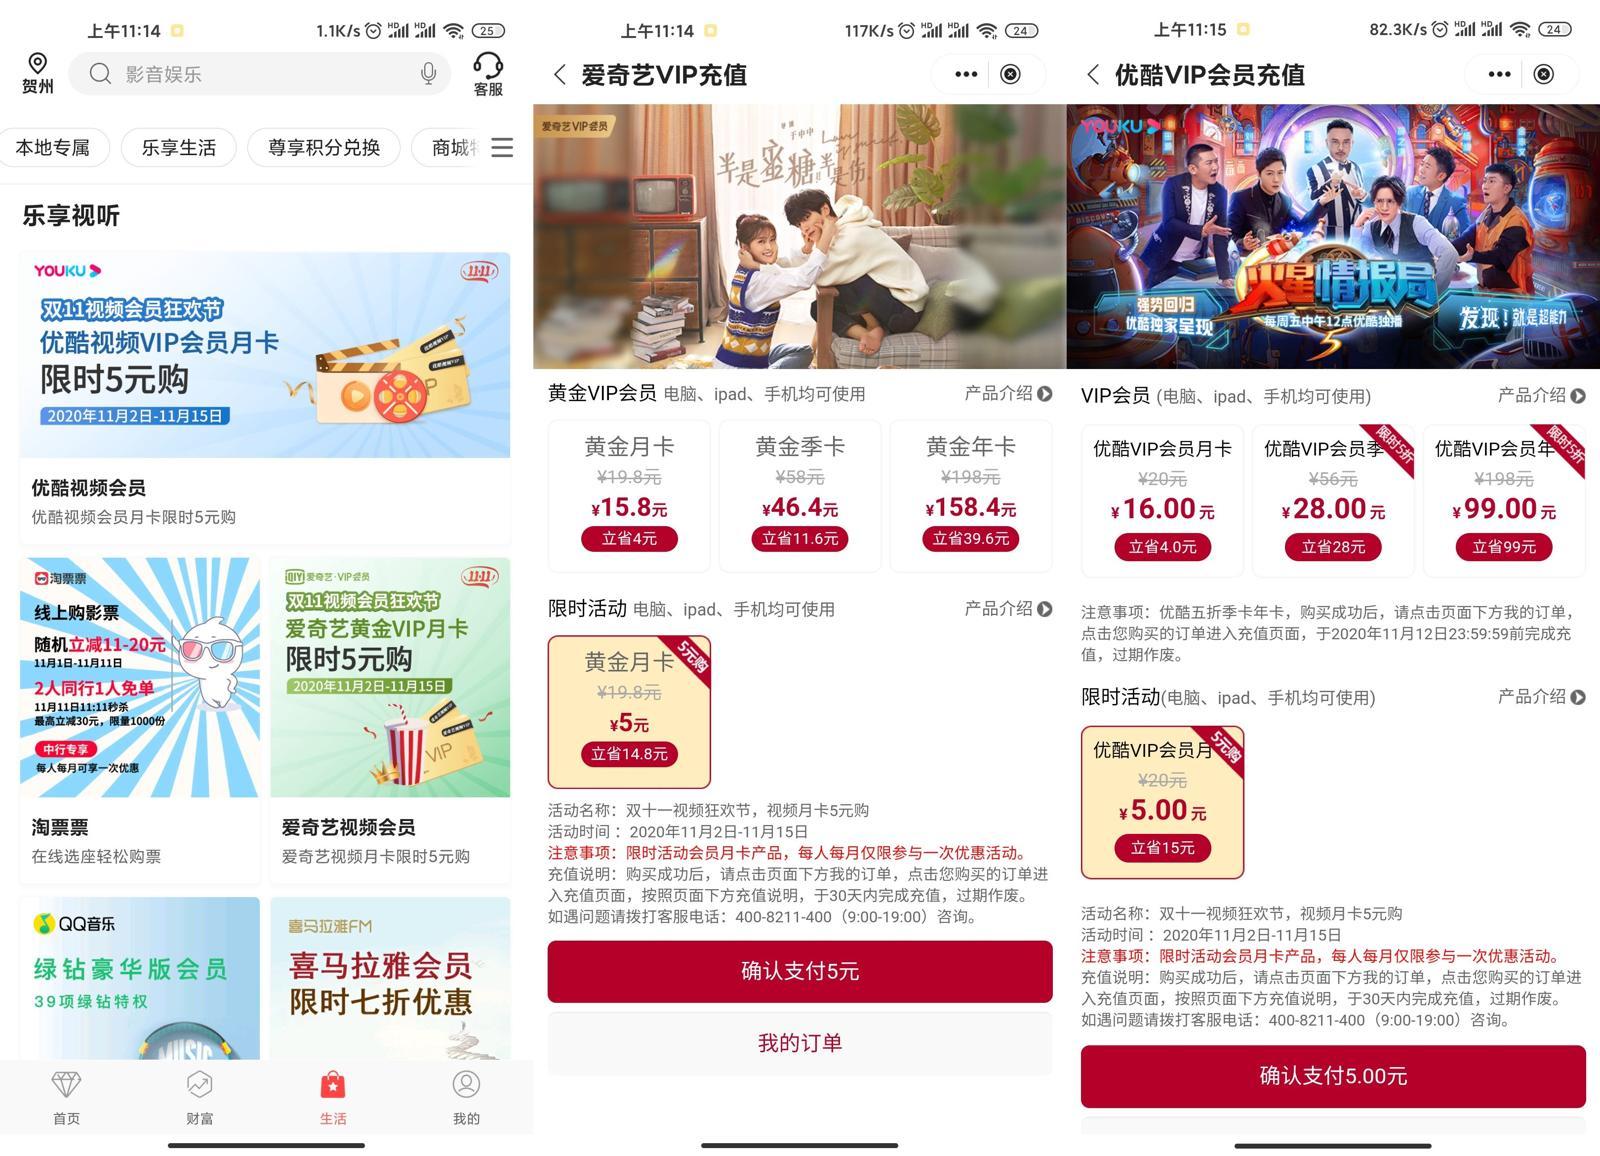 中国银行5元1月爱奇艺优酷会员插图